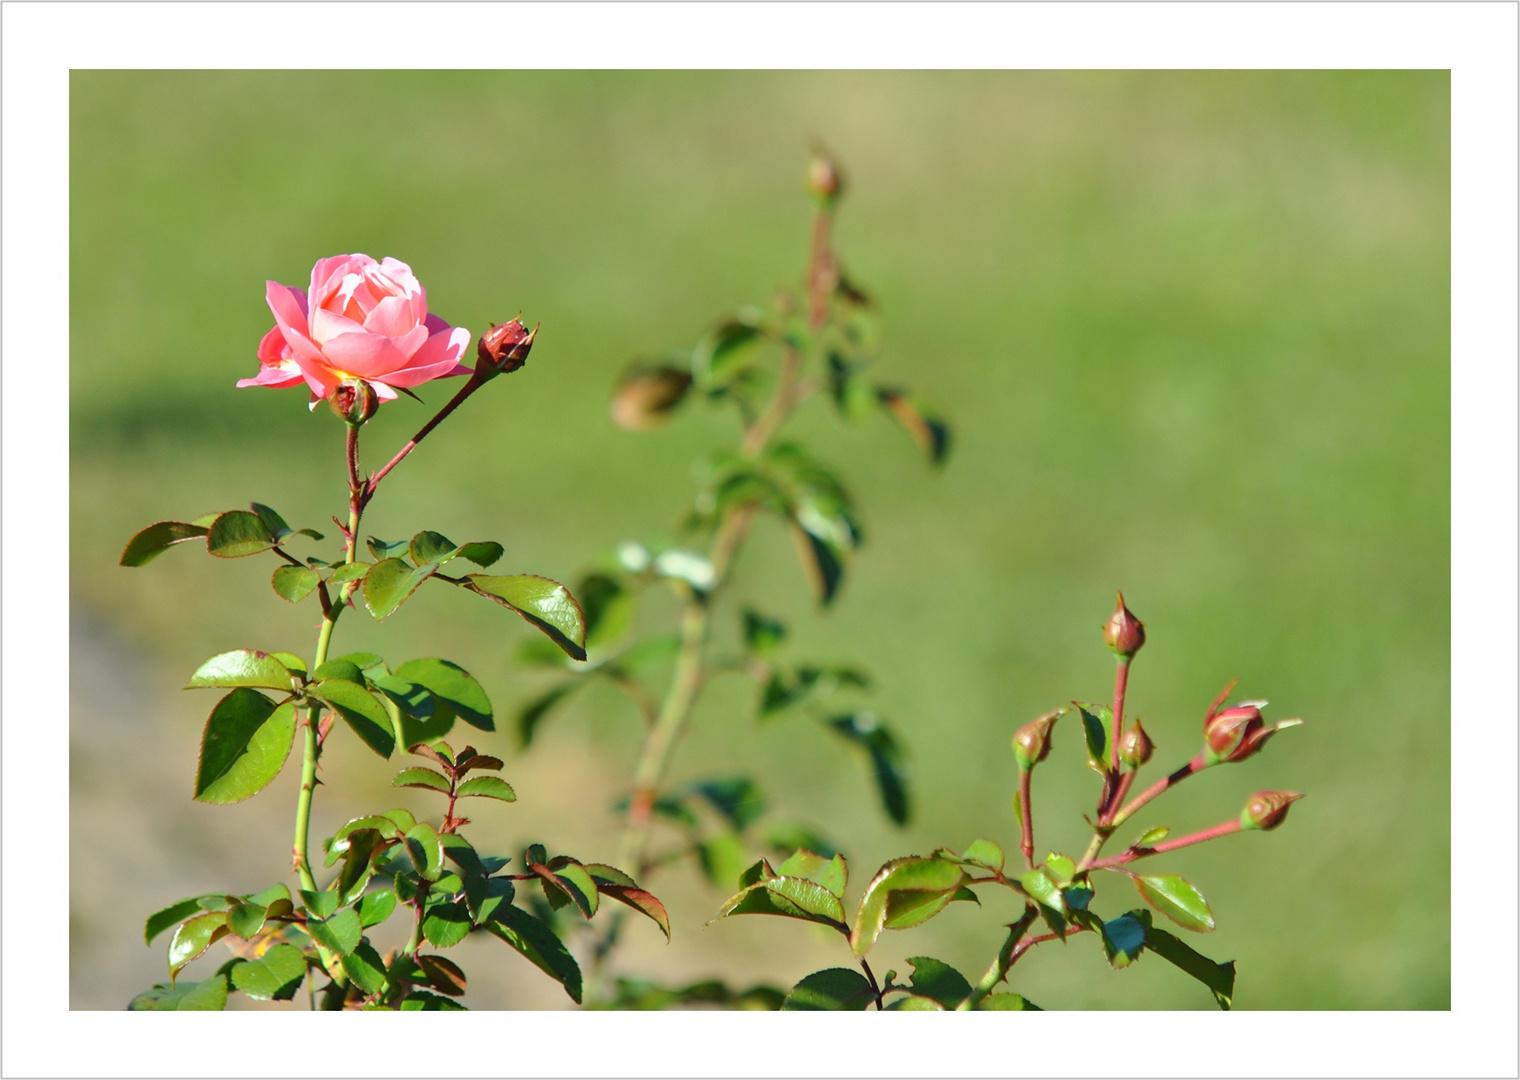 Strauchrose -Mein schöner Garten-